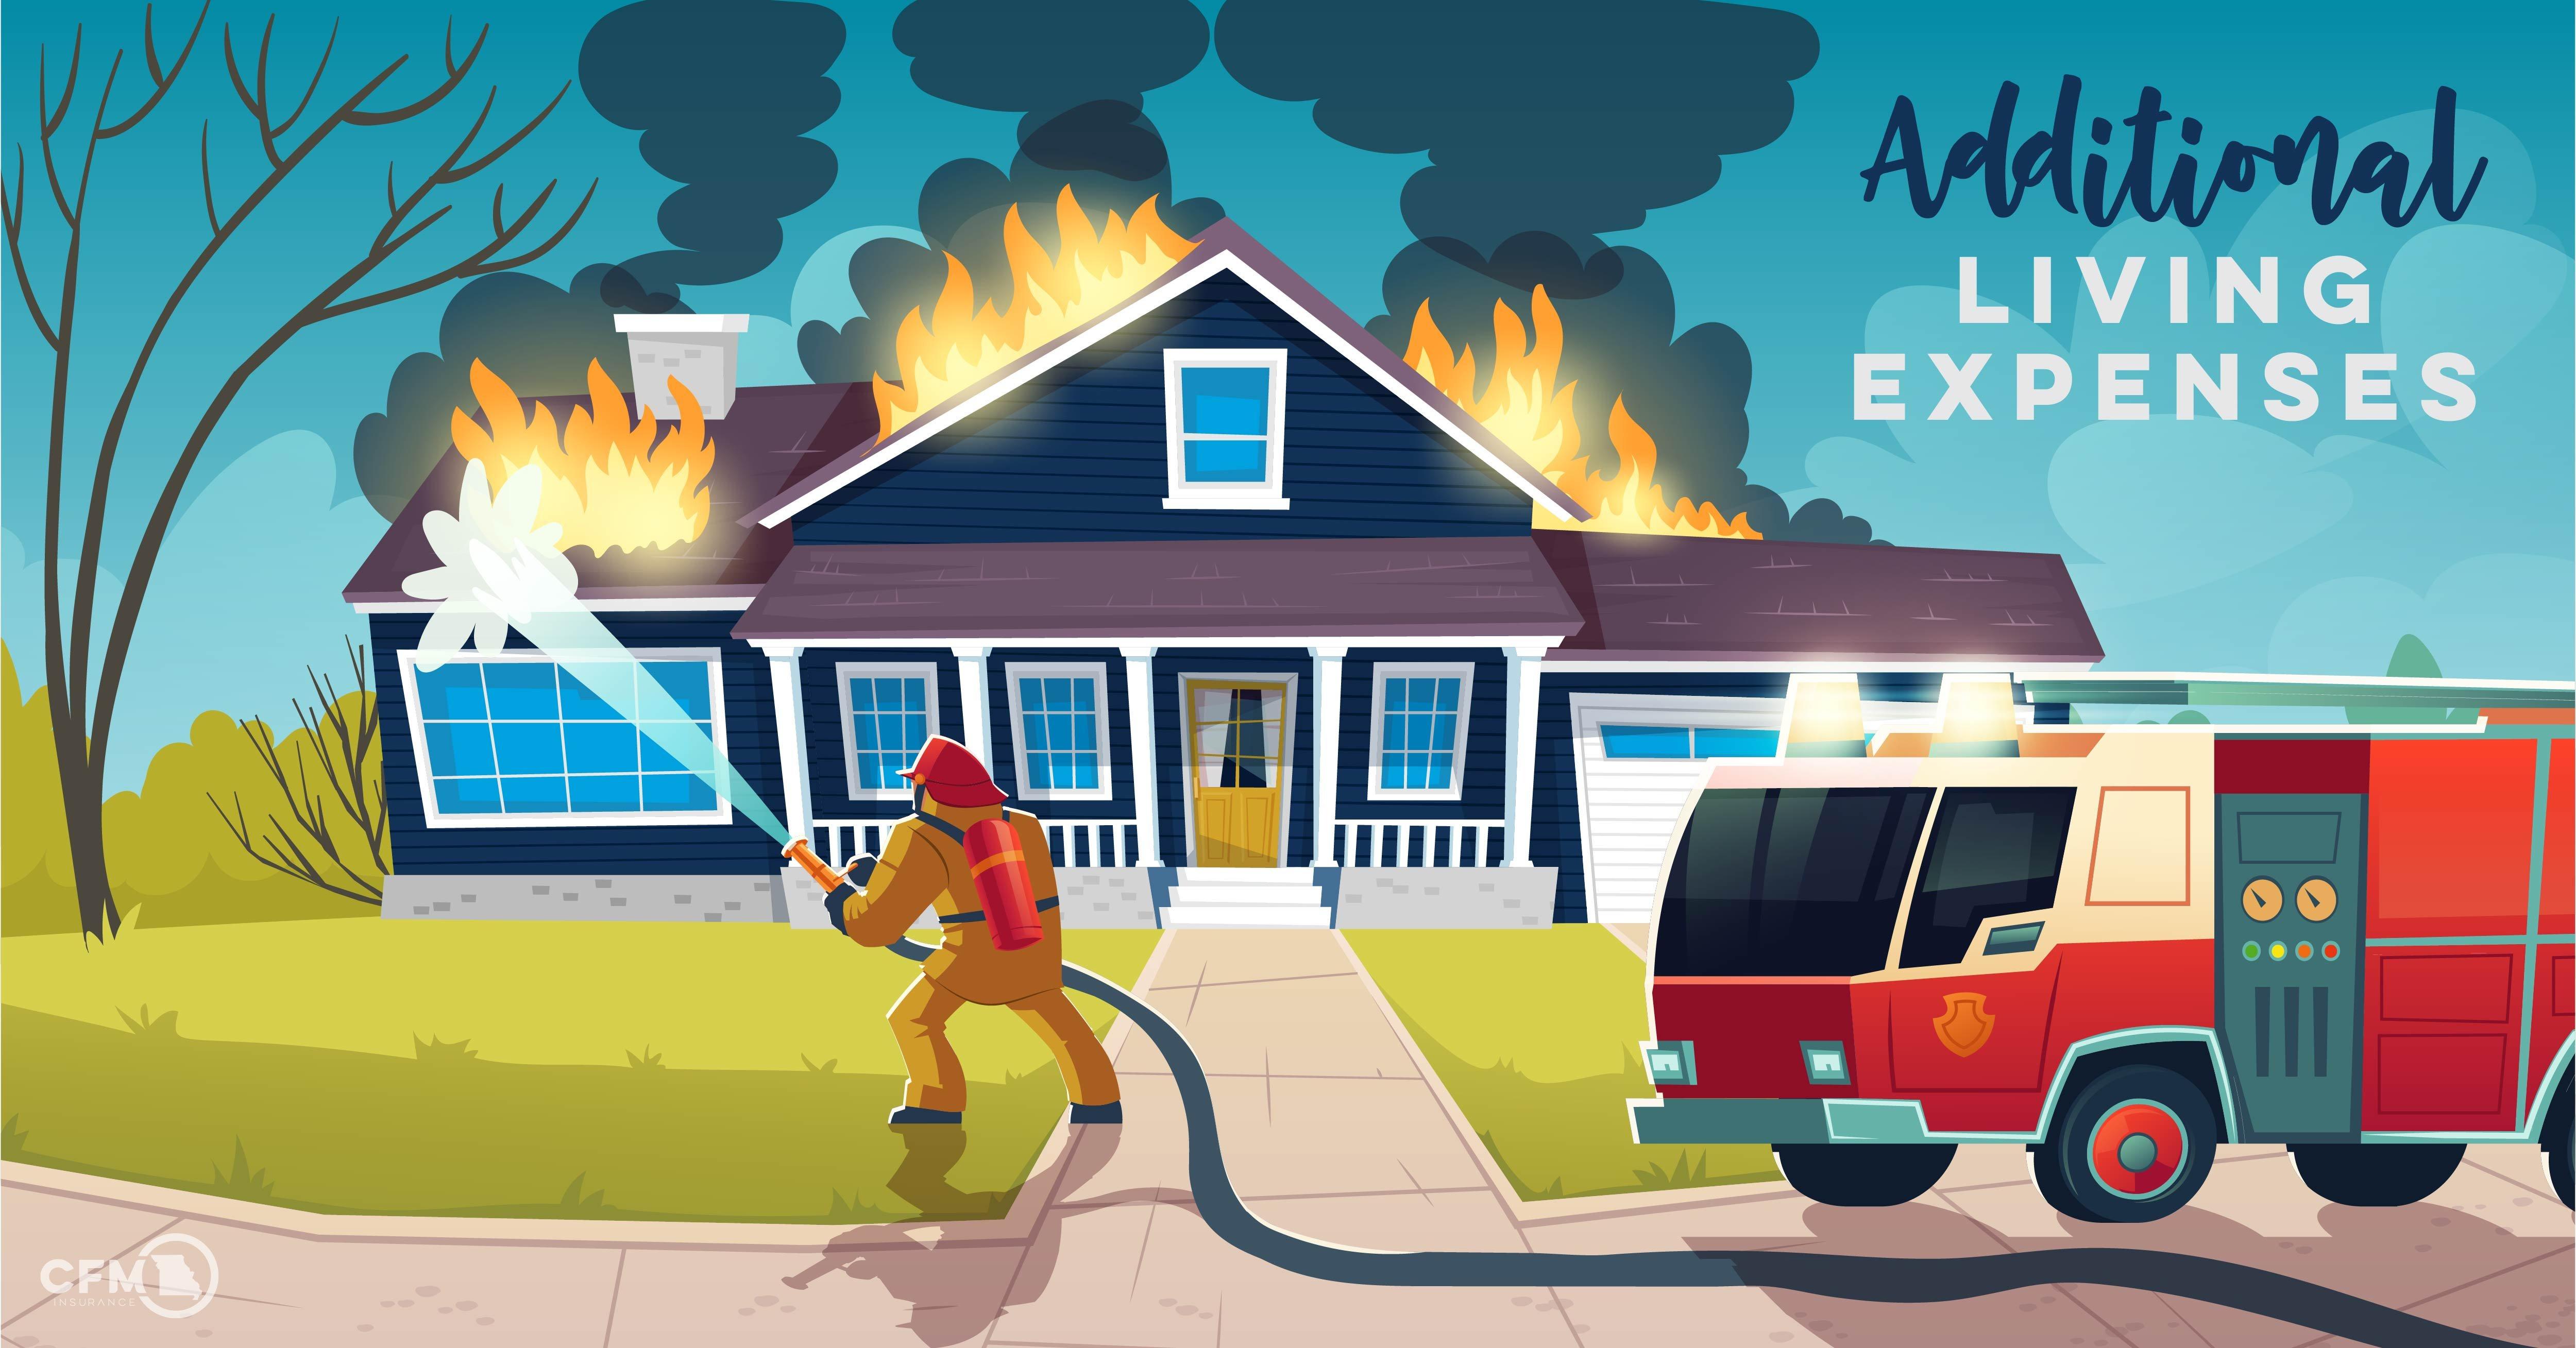 4101E_Additional Living Expenses_Blog-01